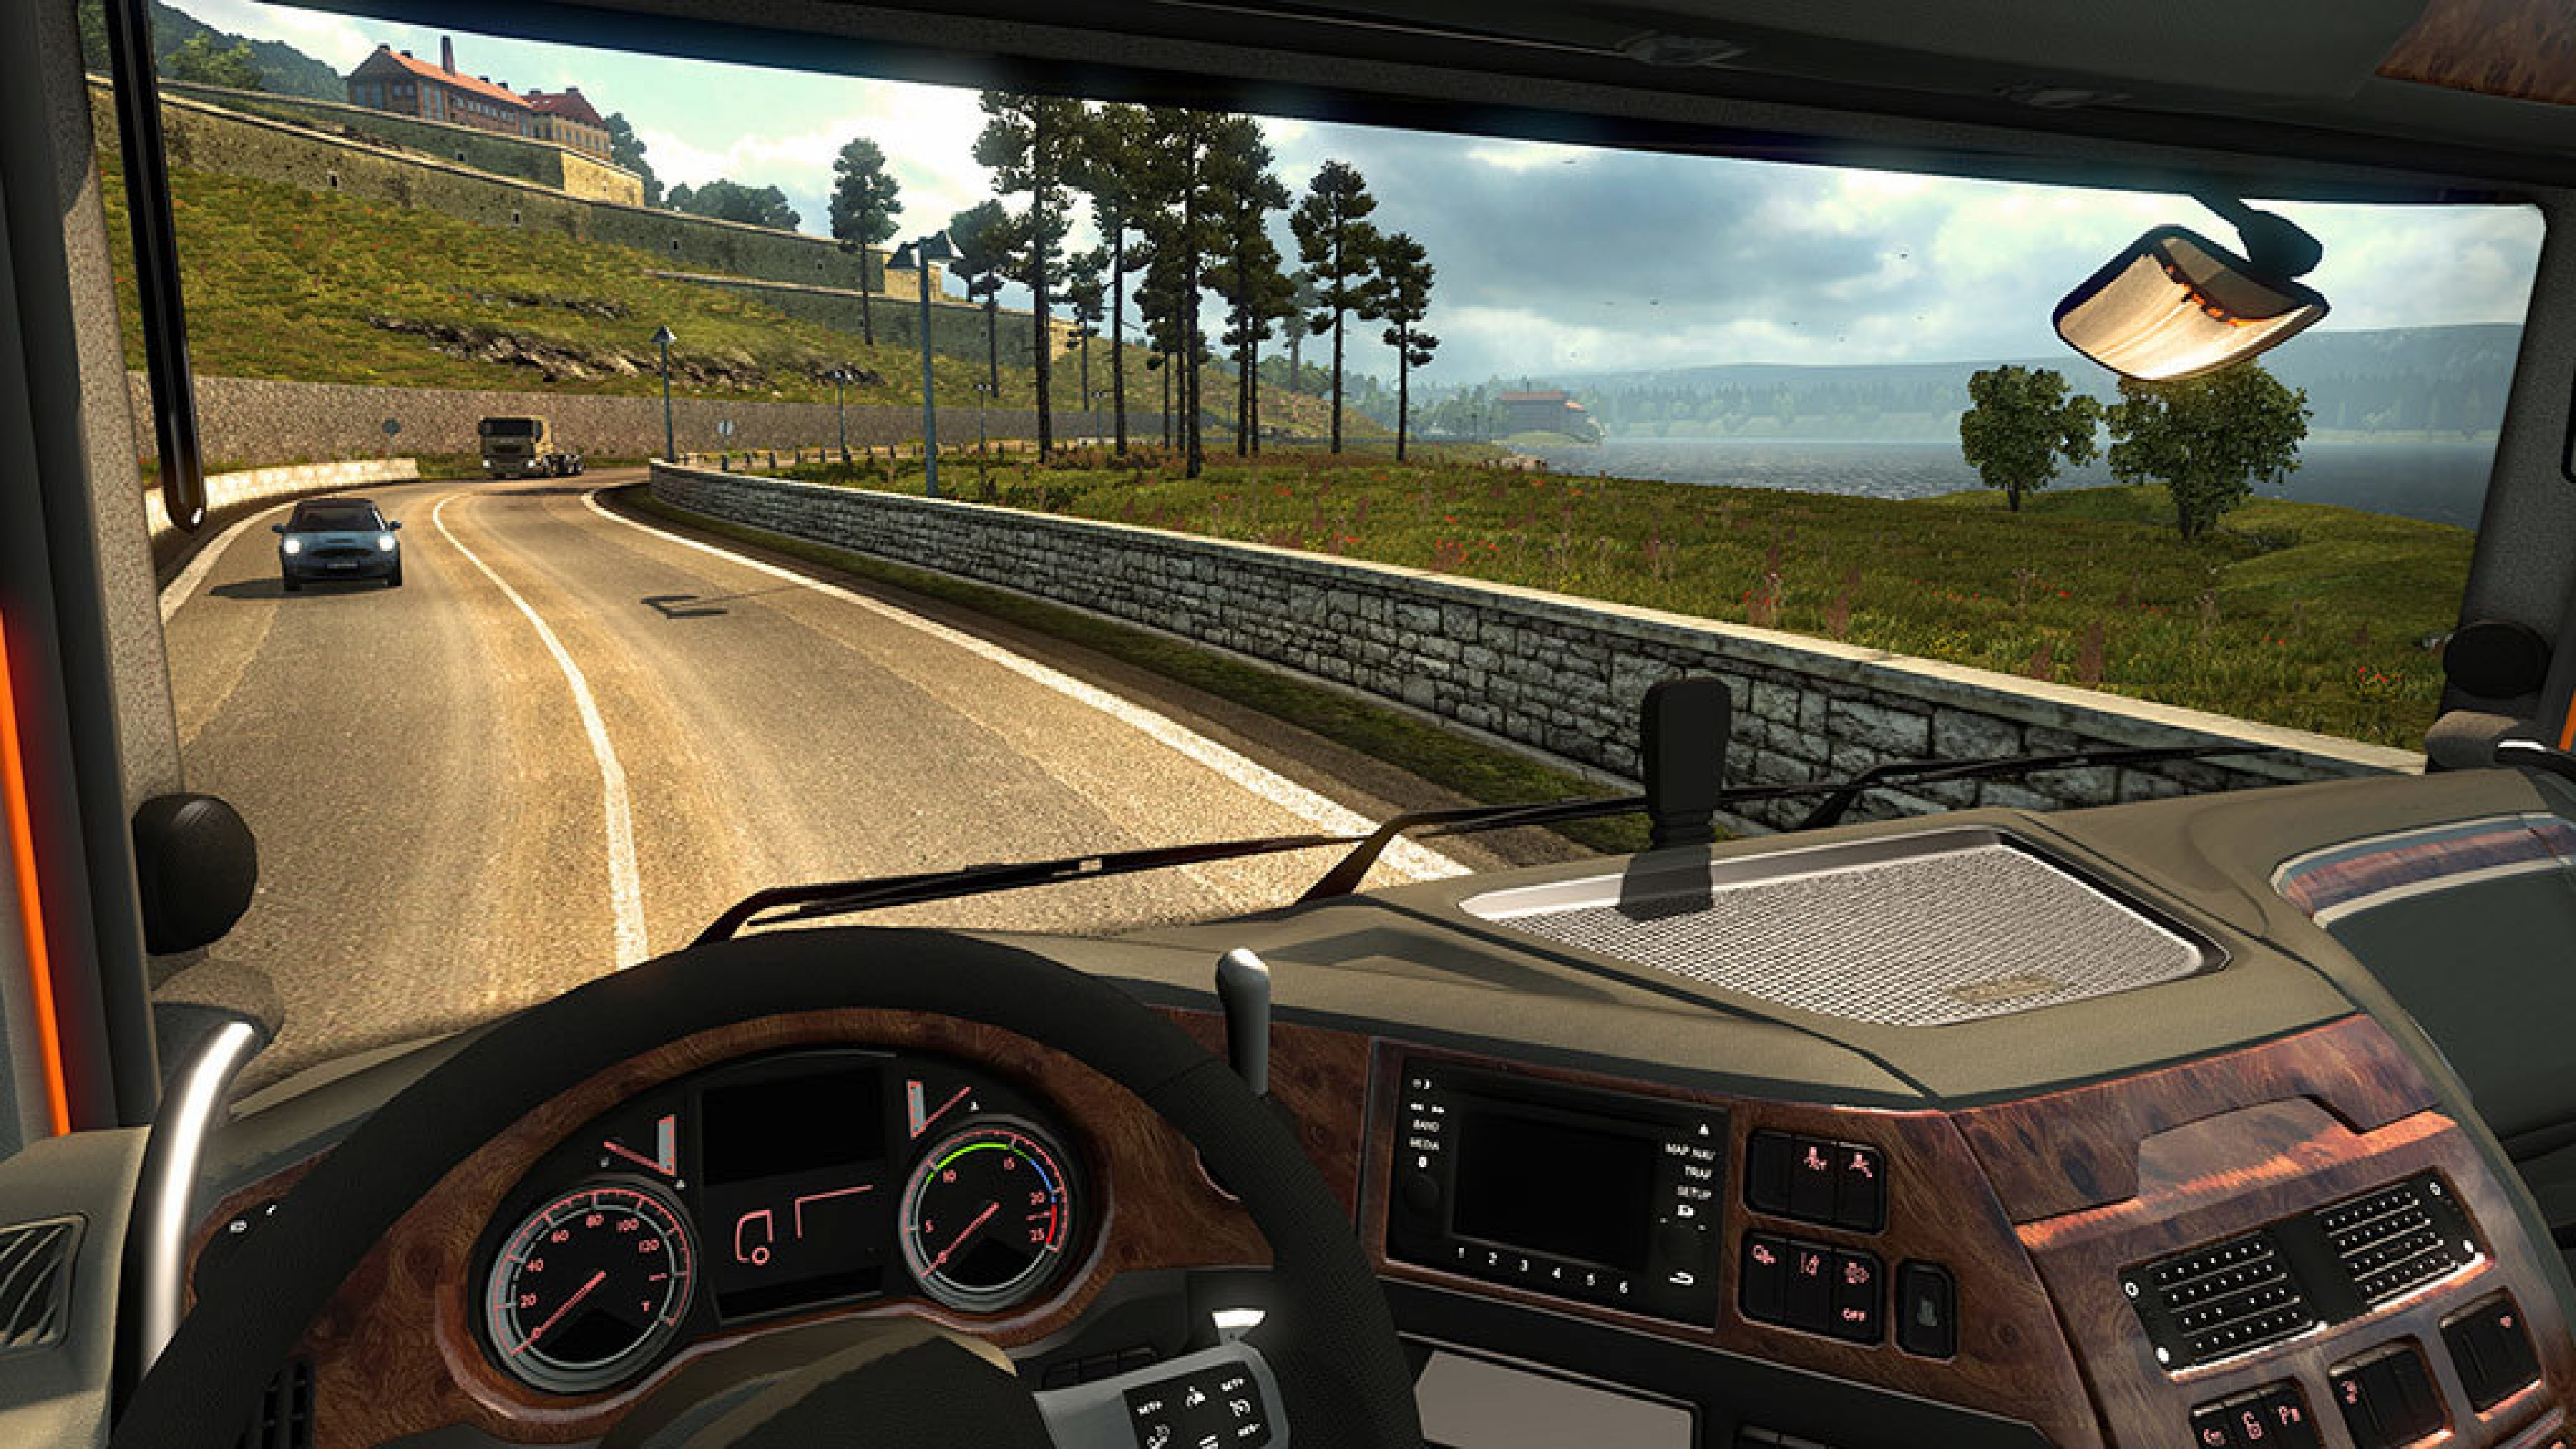 تحميل لعبة الشاحنات Euro Truck Simulator 2 للكمبيوتر برابط مباشر وحجم صغير جدا جدا